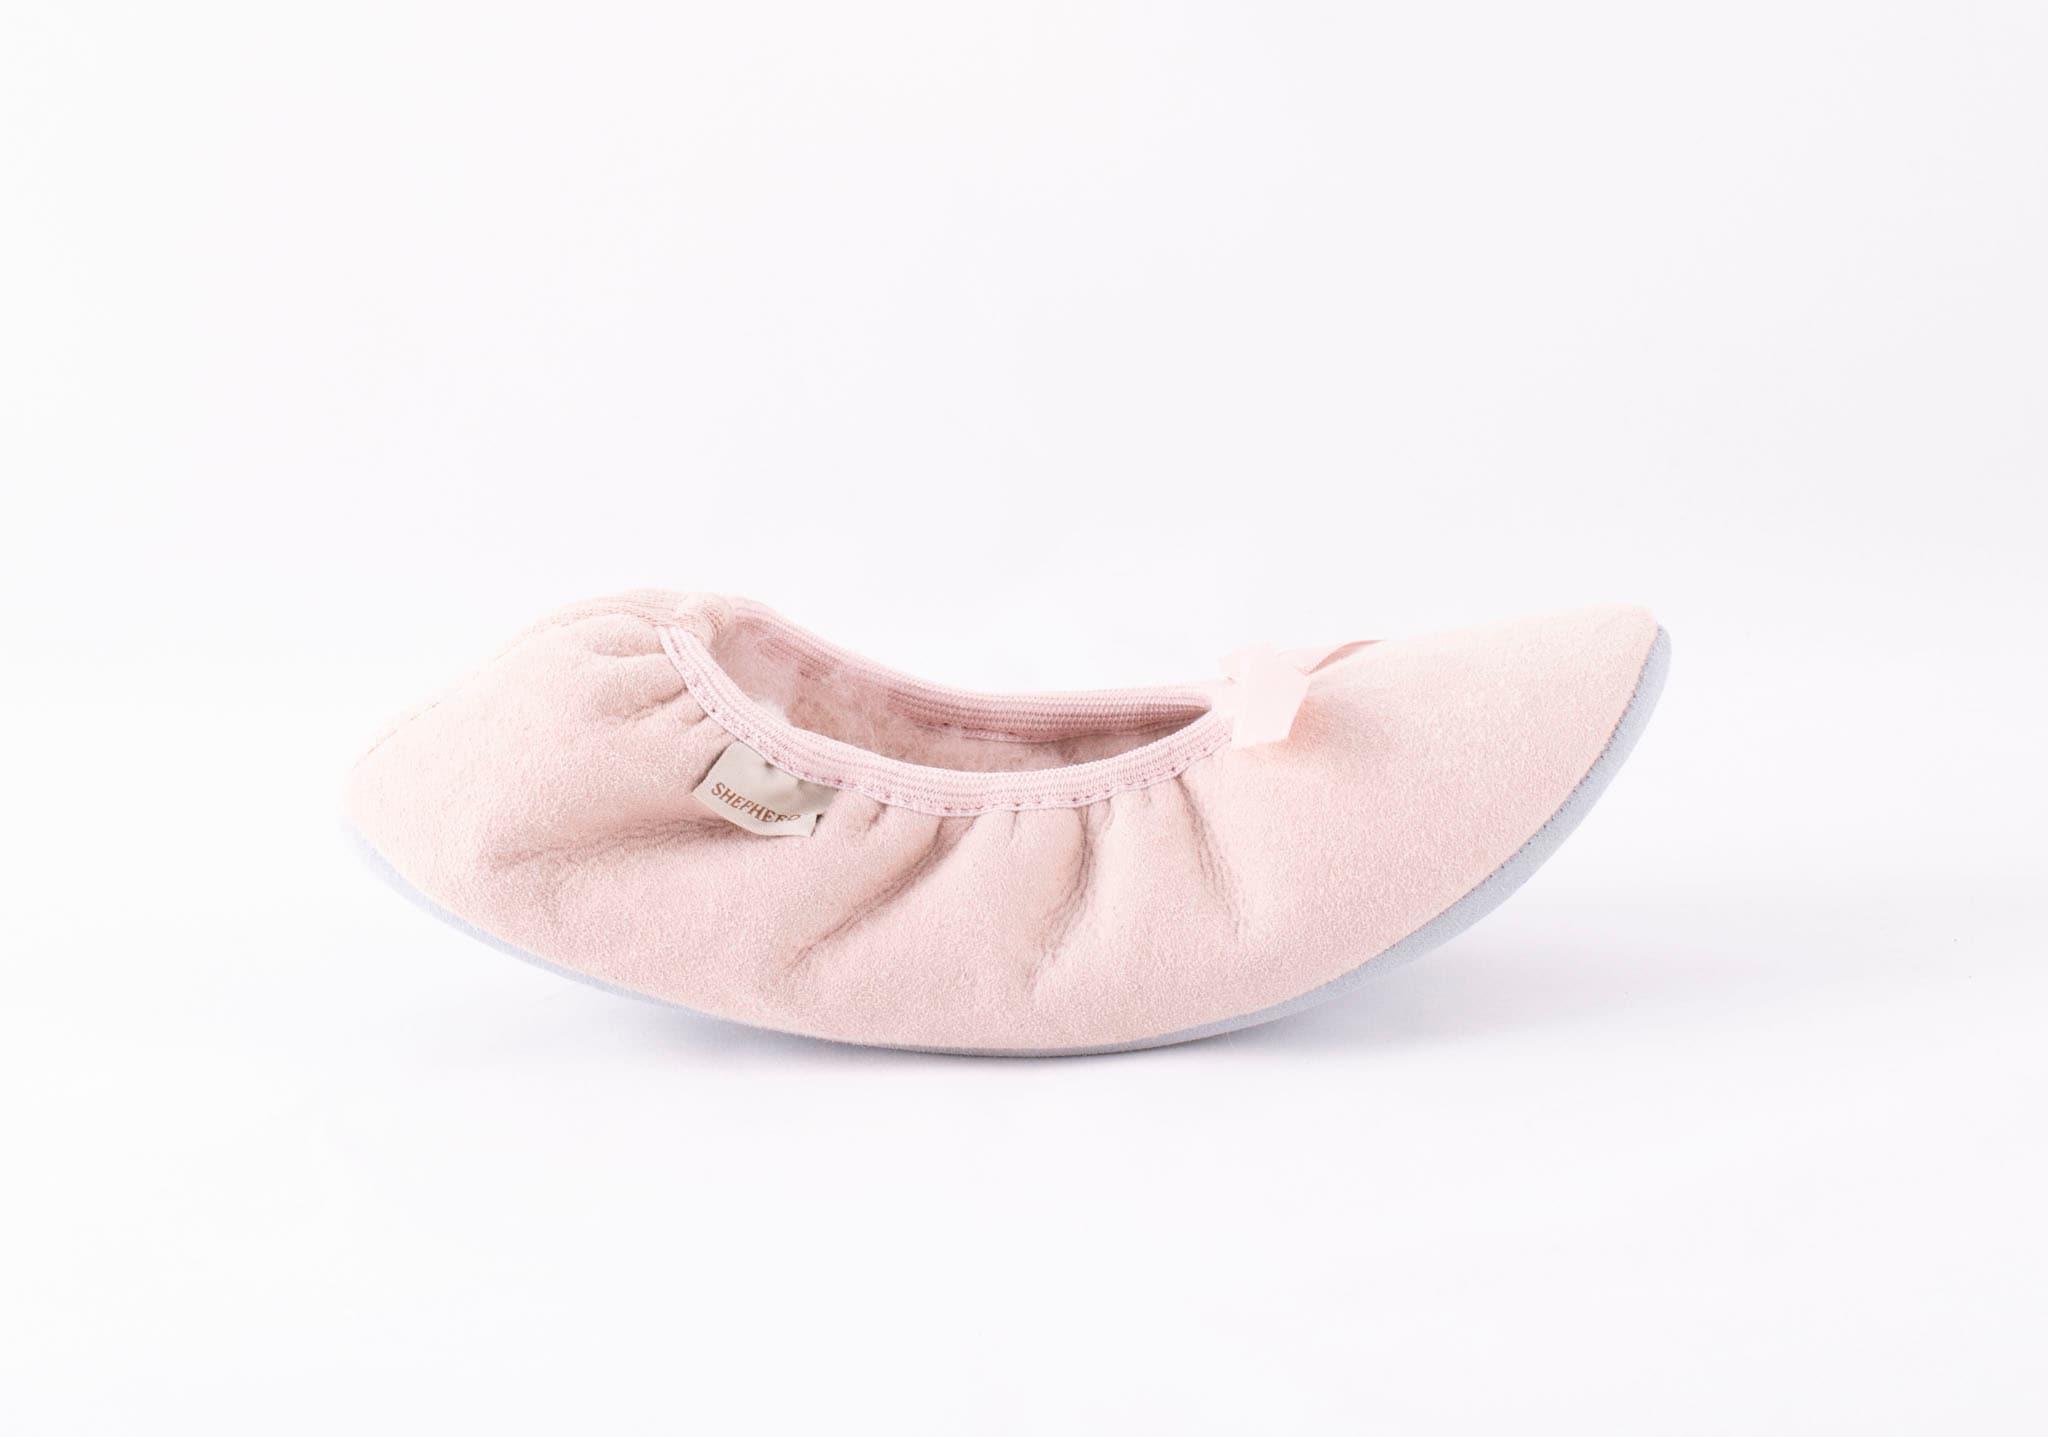 Saga slipper